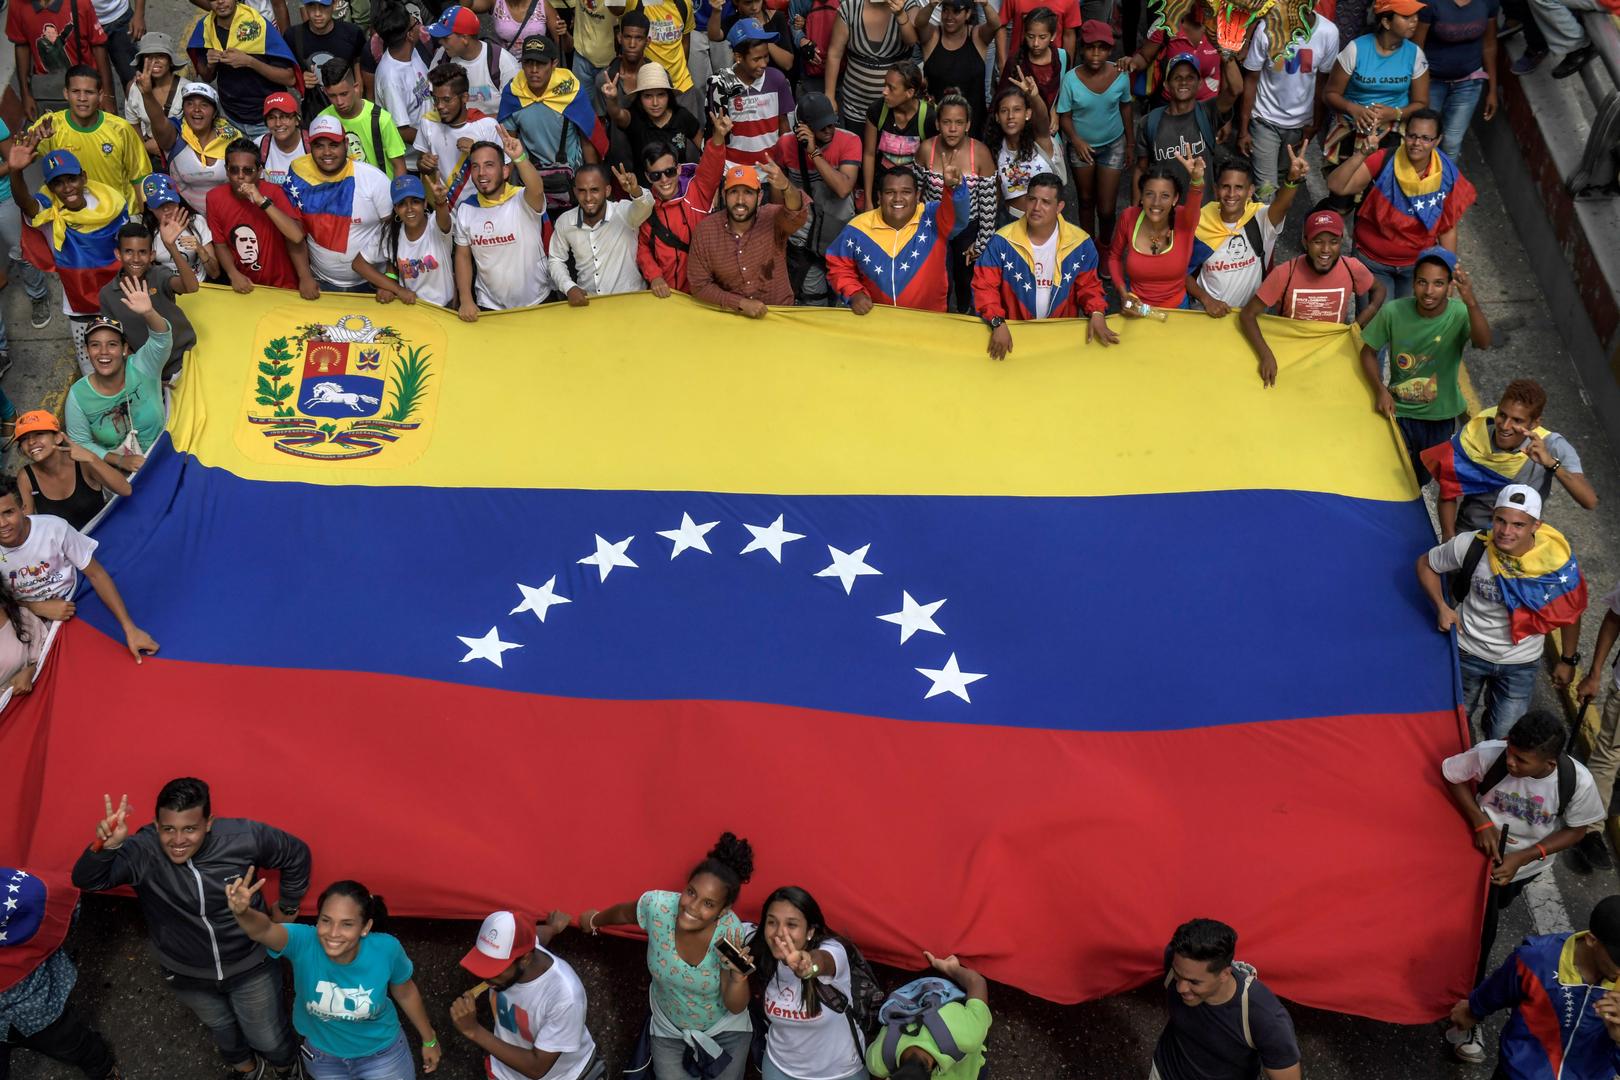 فنزويلا ترفض دعوة الاتحاد الأوروبي لتأجيل الانتخابات